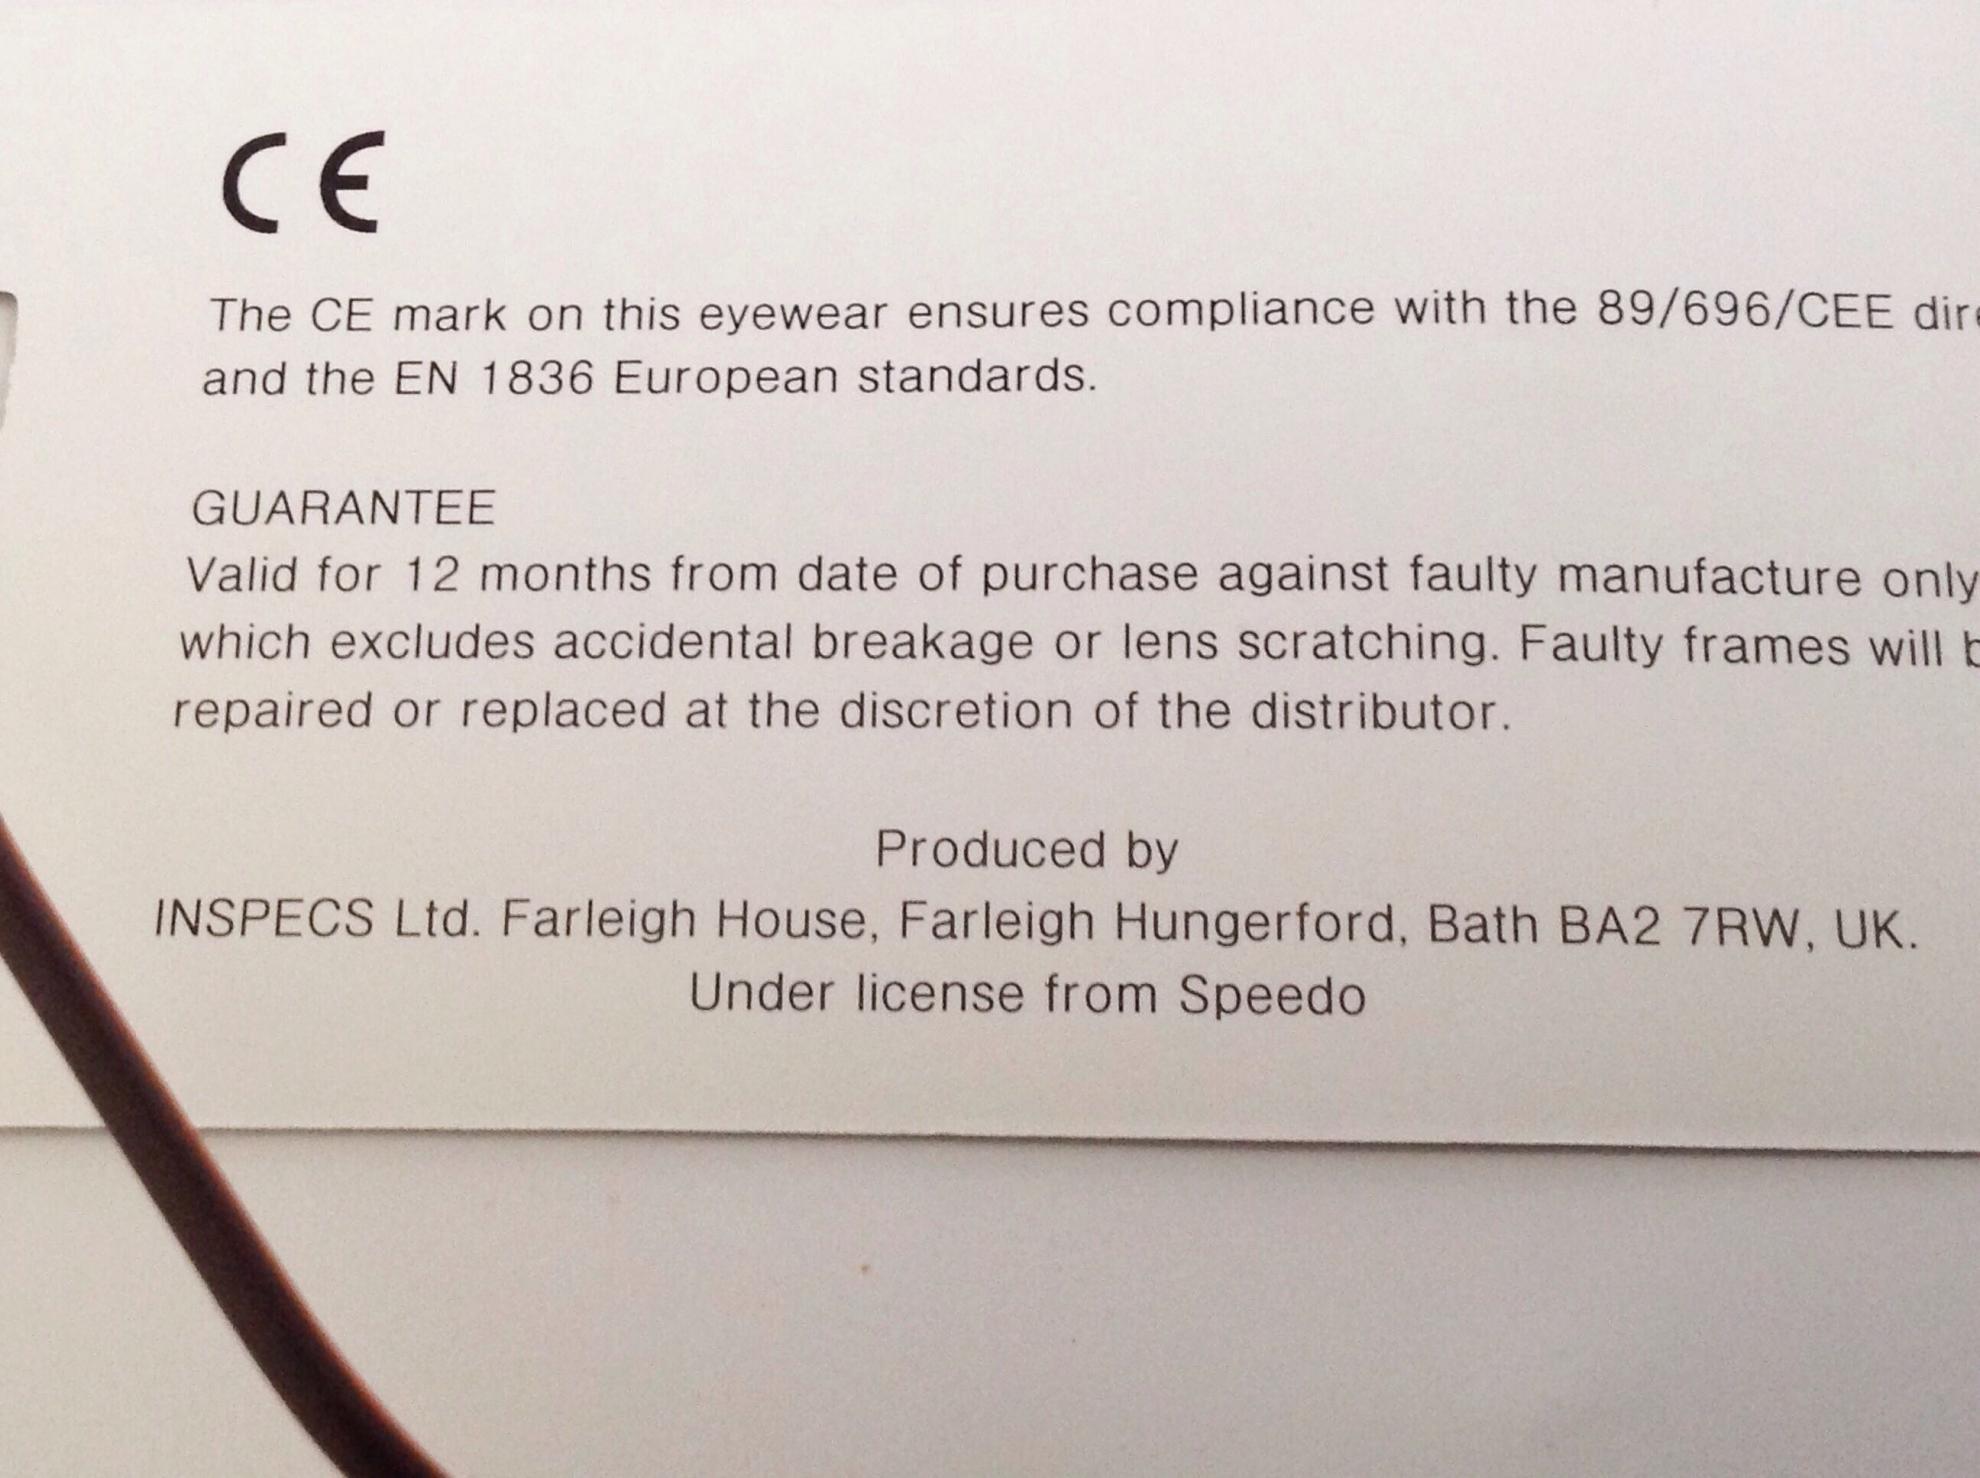 กรอบแว่น Speedo ผลิตในอังกฤษ ของแท้ 100%ขายถูกๆ 1390 บาท ส่งฟรี